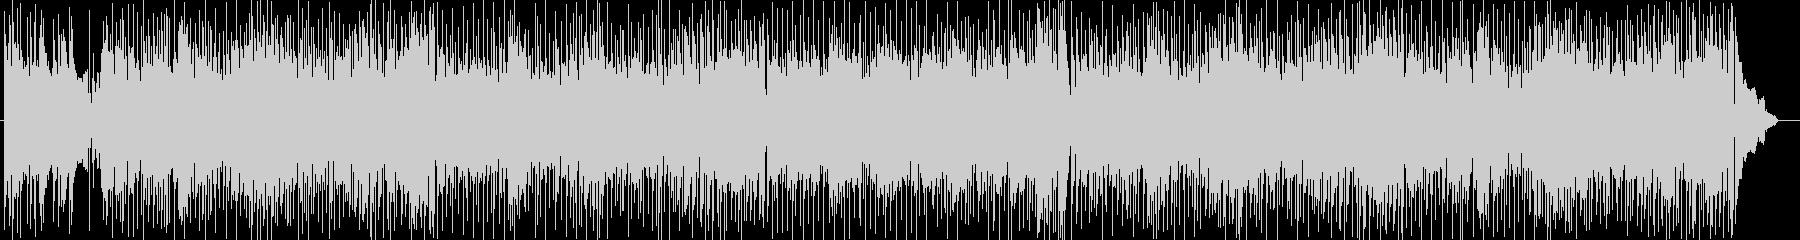 休日のドライブシンセサイザー系曲の未再生の波形